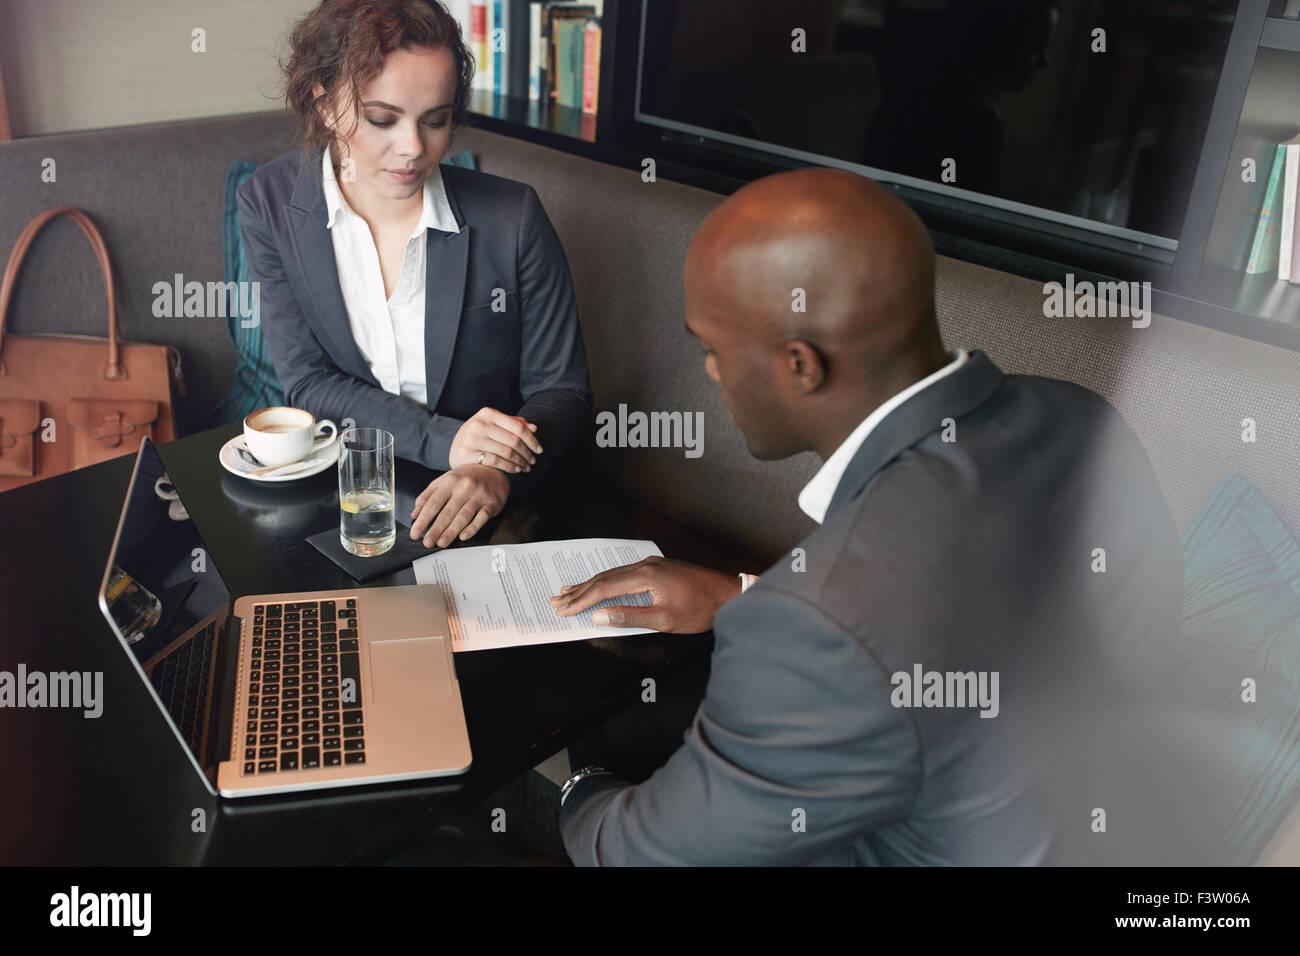 Los jóvenes discutir la estrategia comercial de café. Reunión de socios de negocios a lo largo de Imagen De Stock